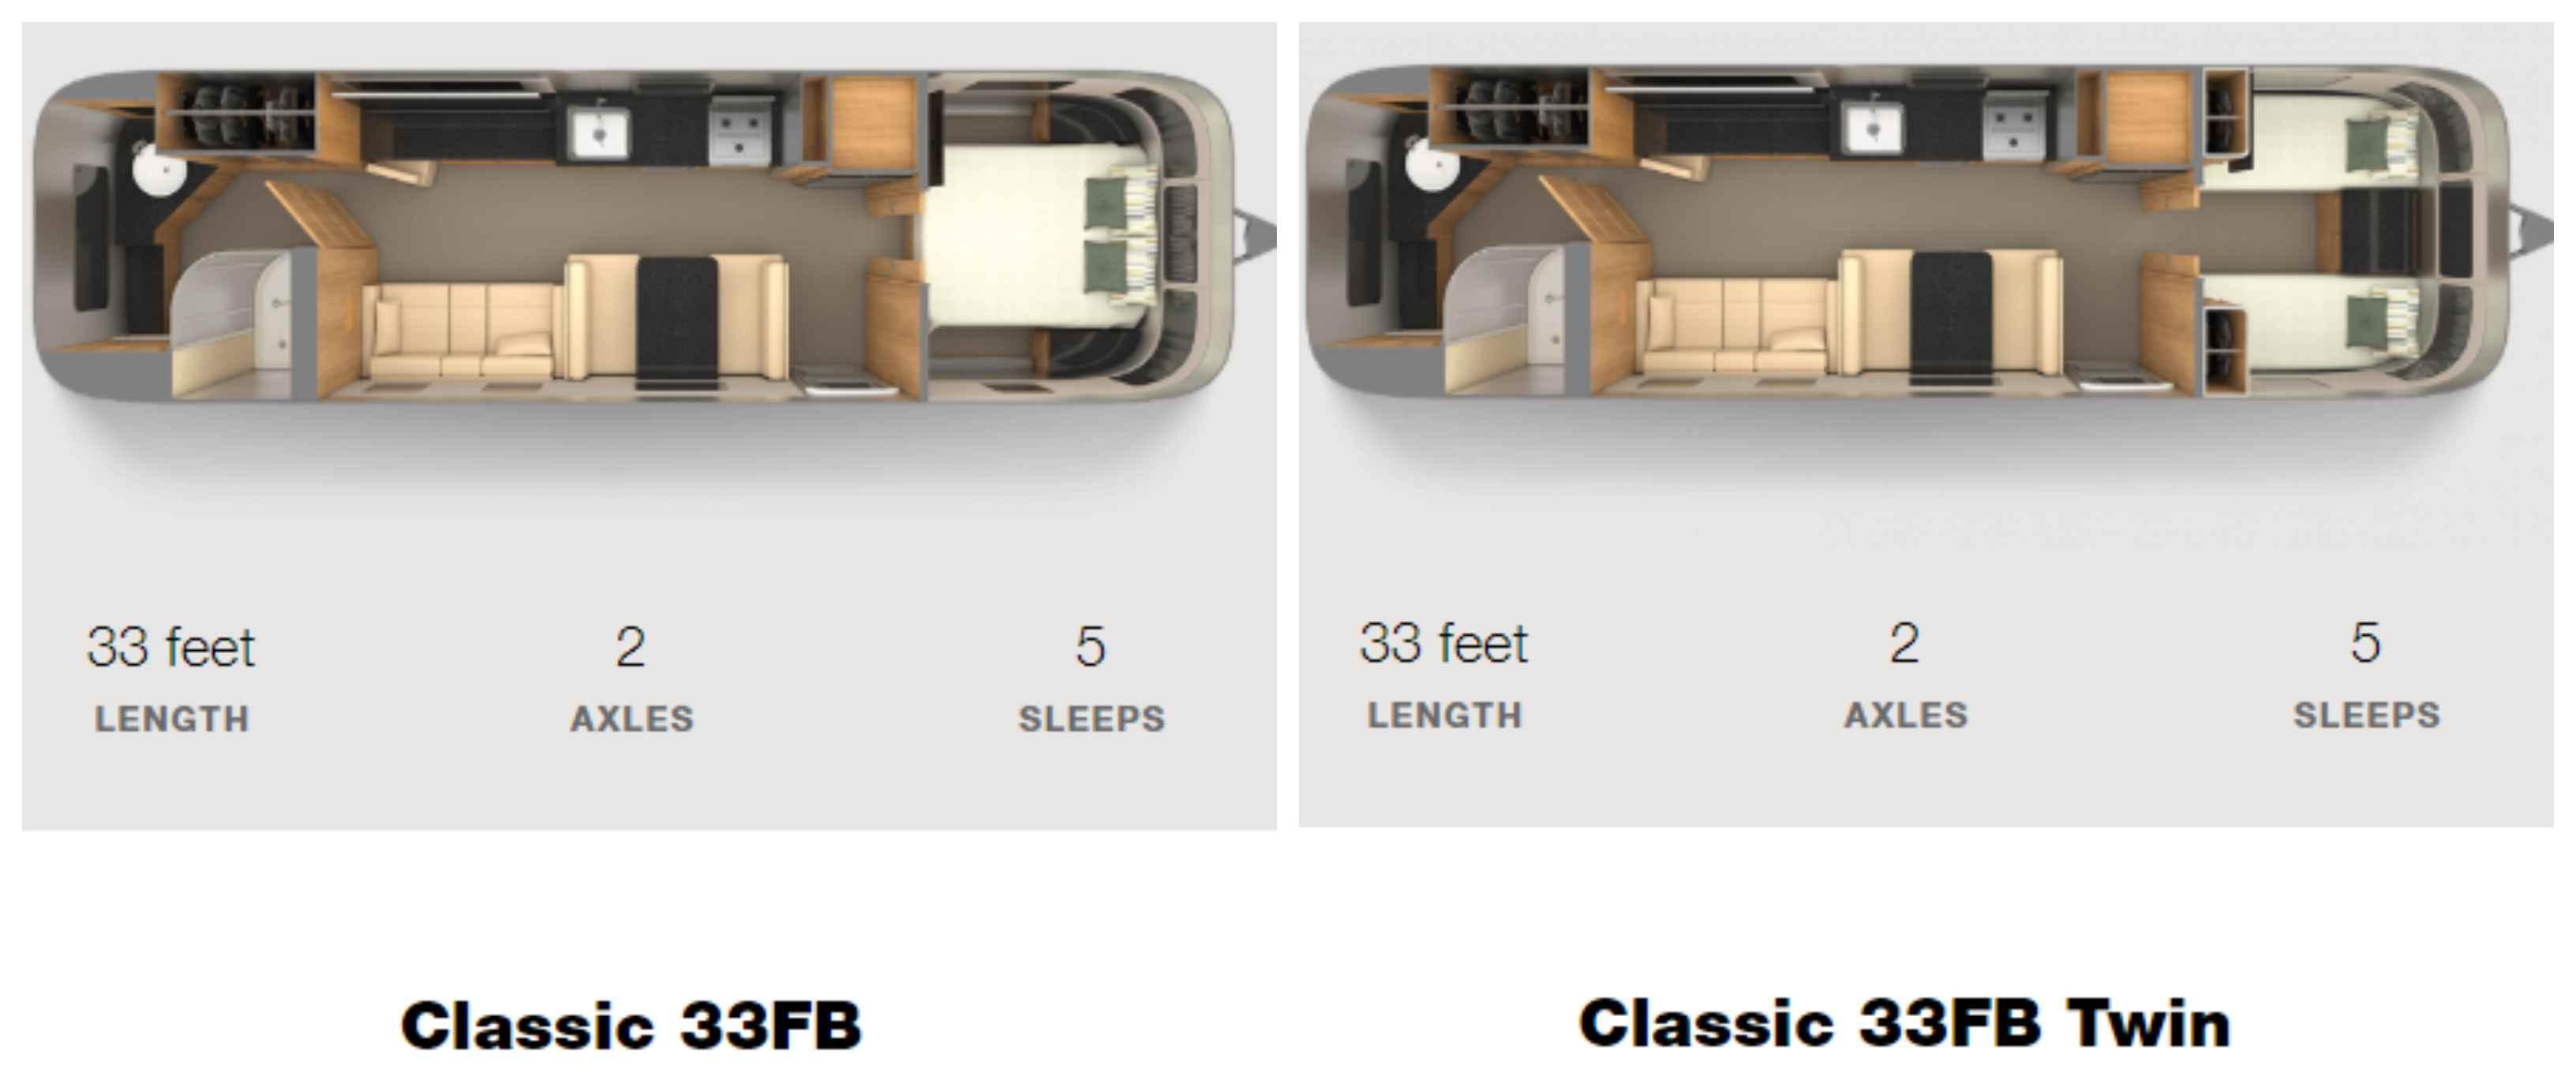 Airstream Classic 33FB floorplan